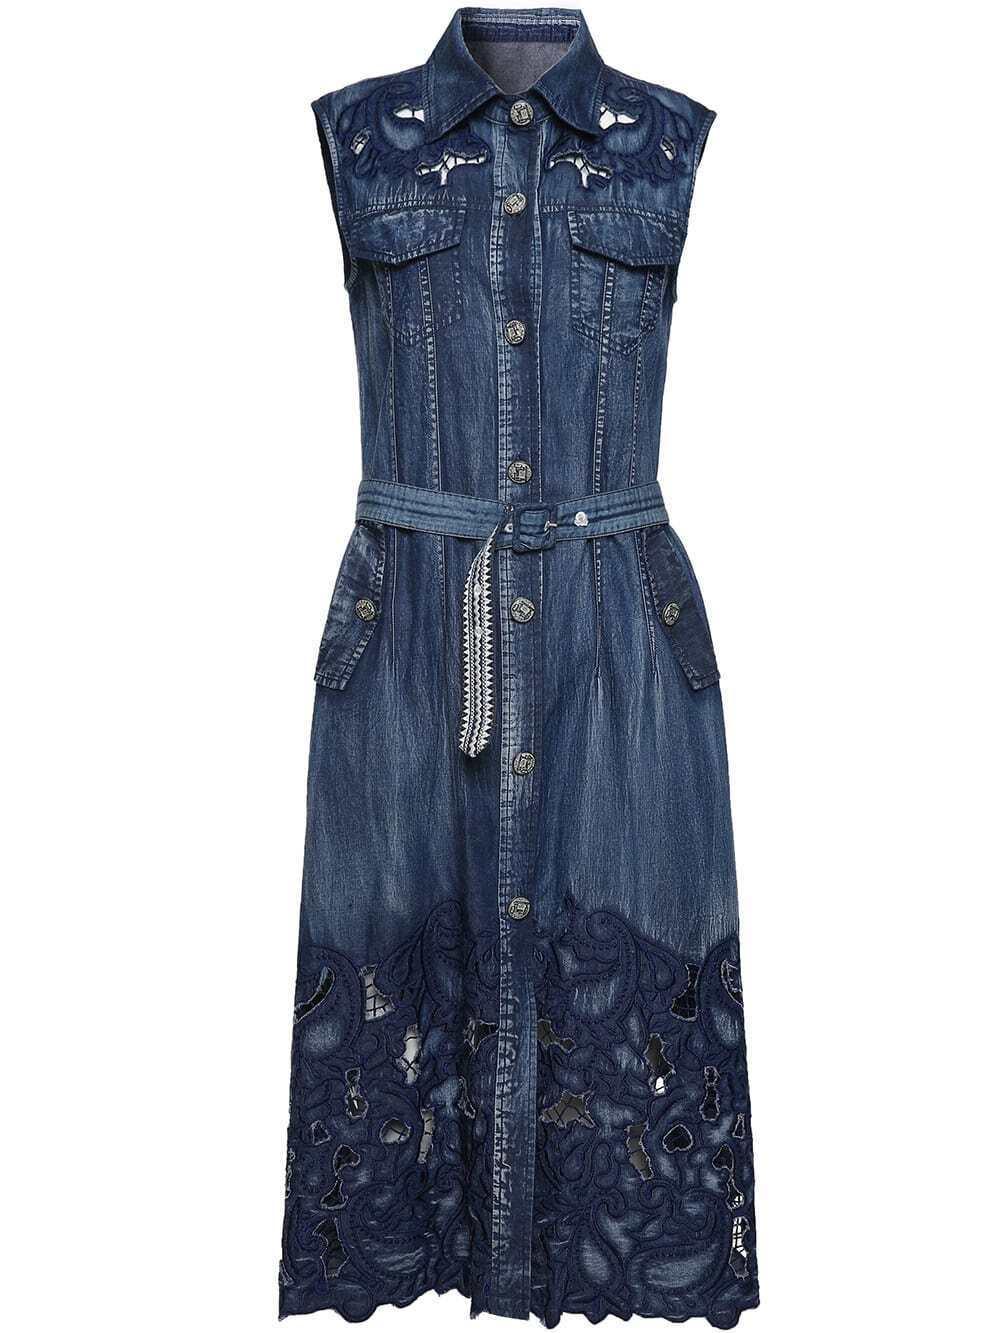 Фото Embroidered Hollow Belted Pockets Dress. Купить с доставкой